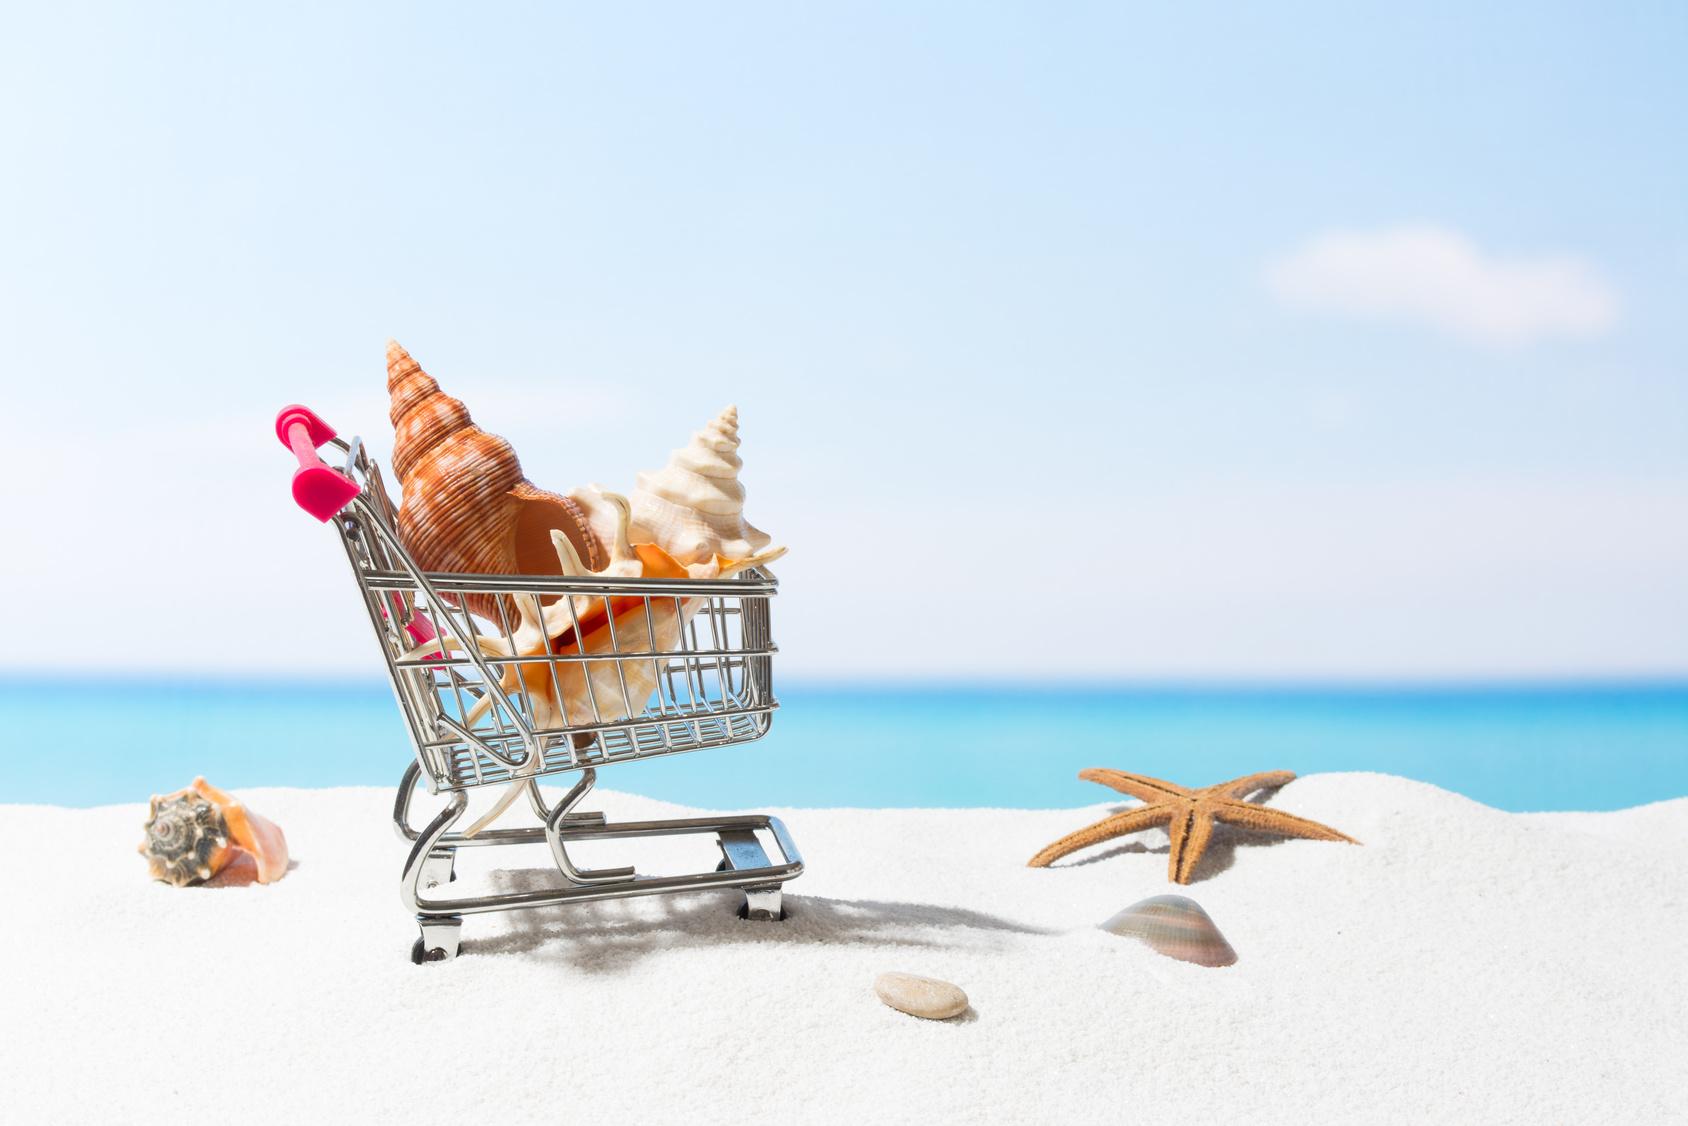 Co sprzedaje MLM? Blog o MLM, marketing sieciowy, network marketing, marketing wielopoziomowy